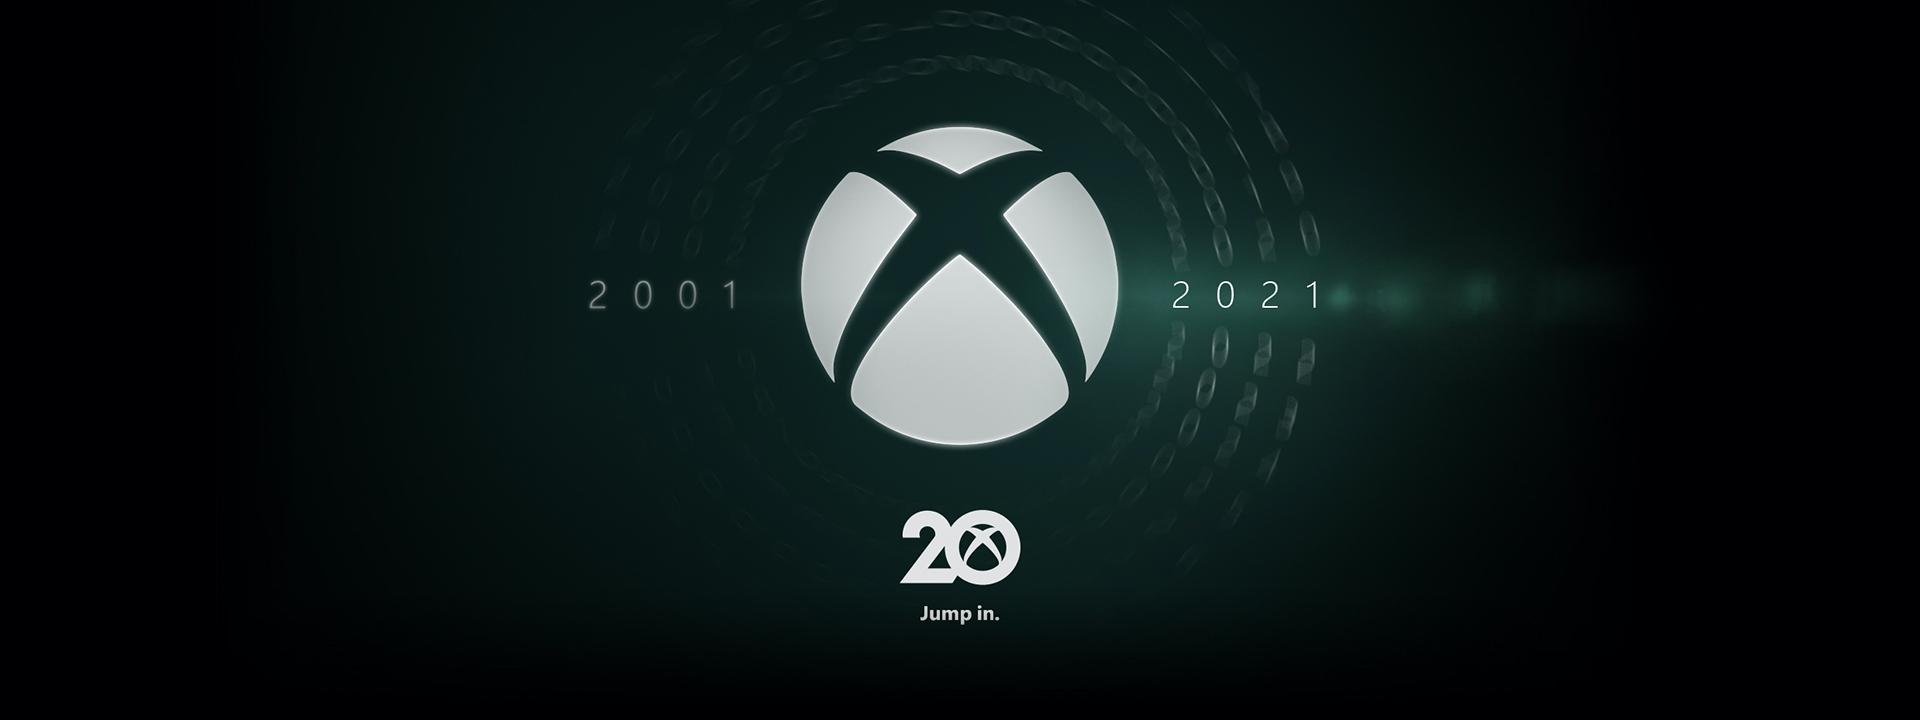 Xbox'ın 20. yılını simgeleyen 2001 ve 2021 yıllarının ortasında duran Xbox bağlantı logosu.